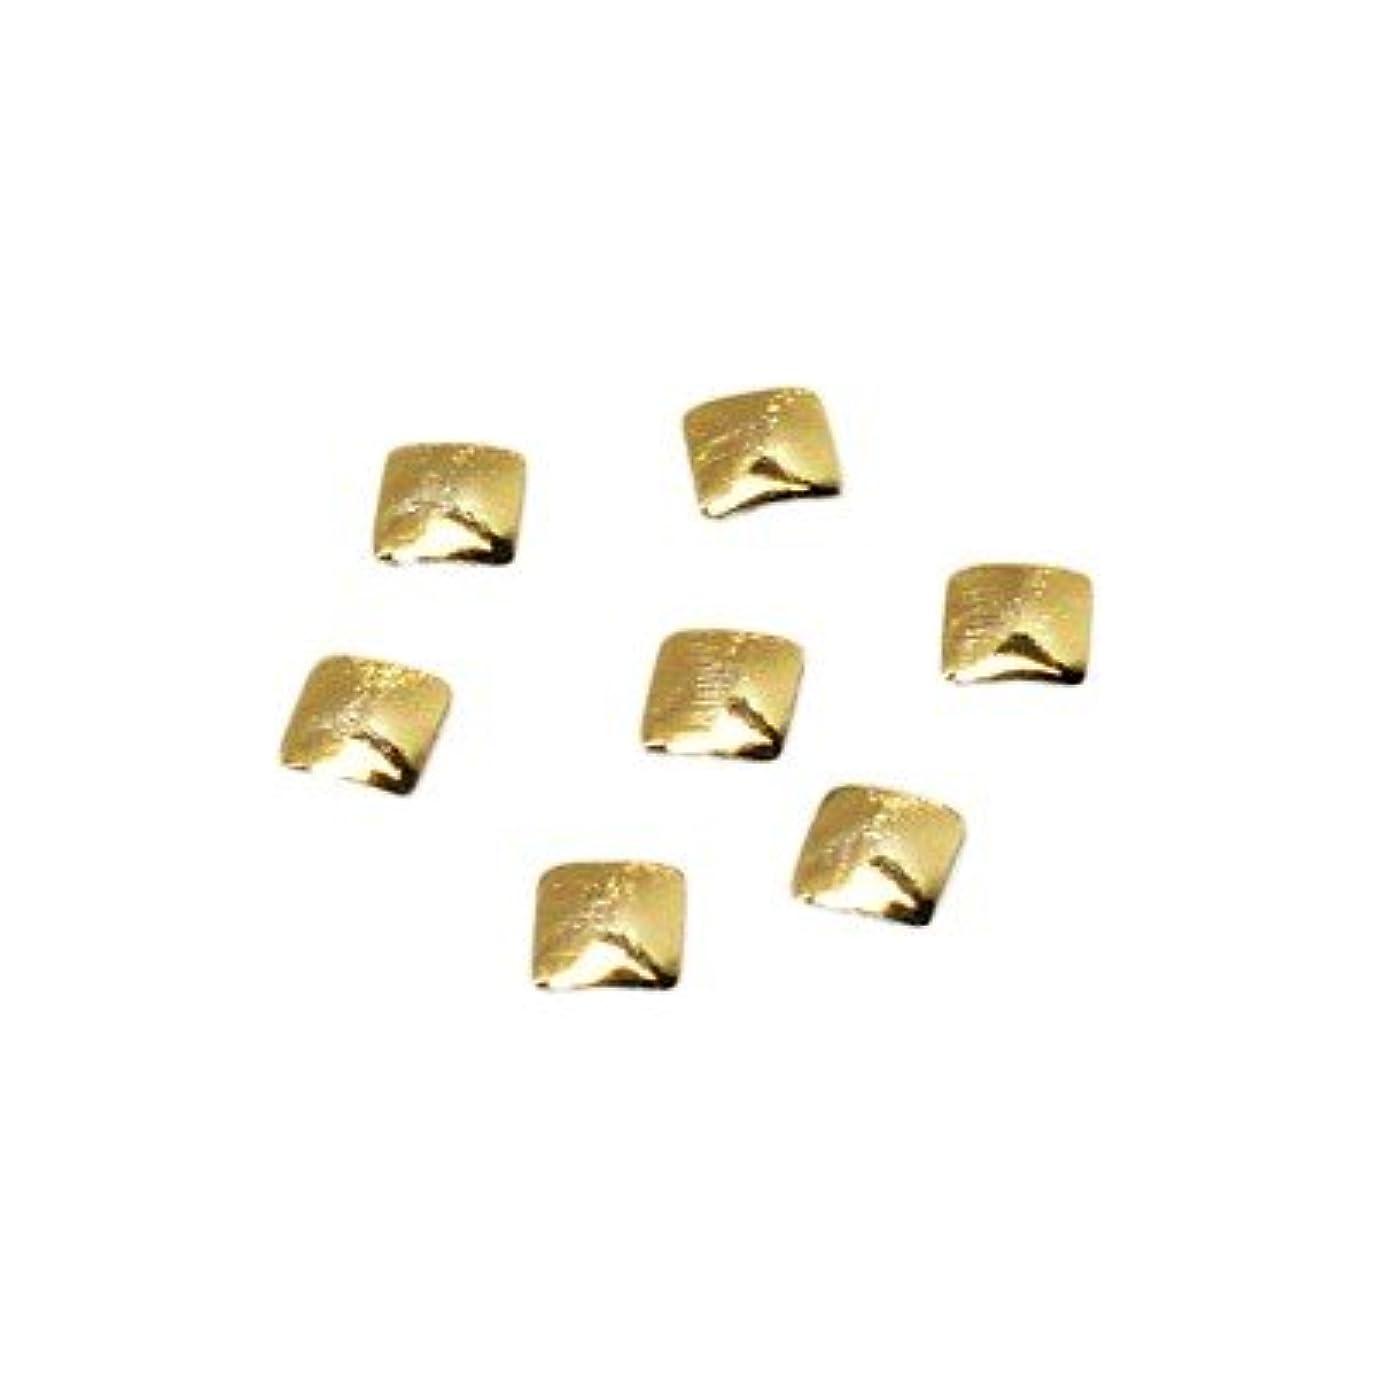 収束チューインガムテキストクレア スクエアスタッズ SS GOL ゴールド 0.36g